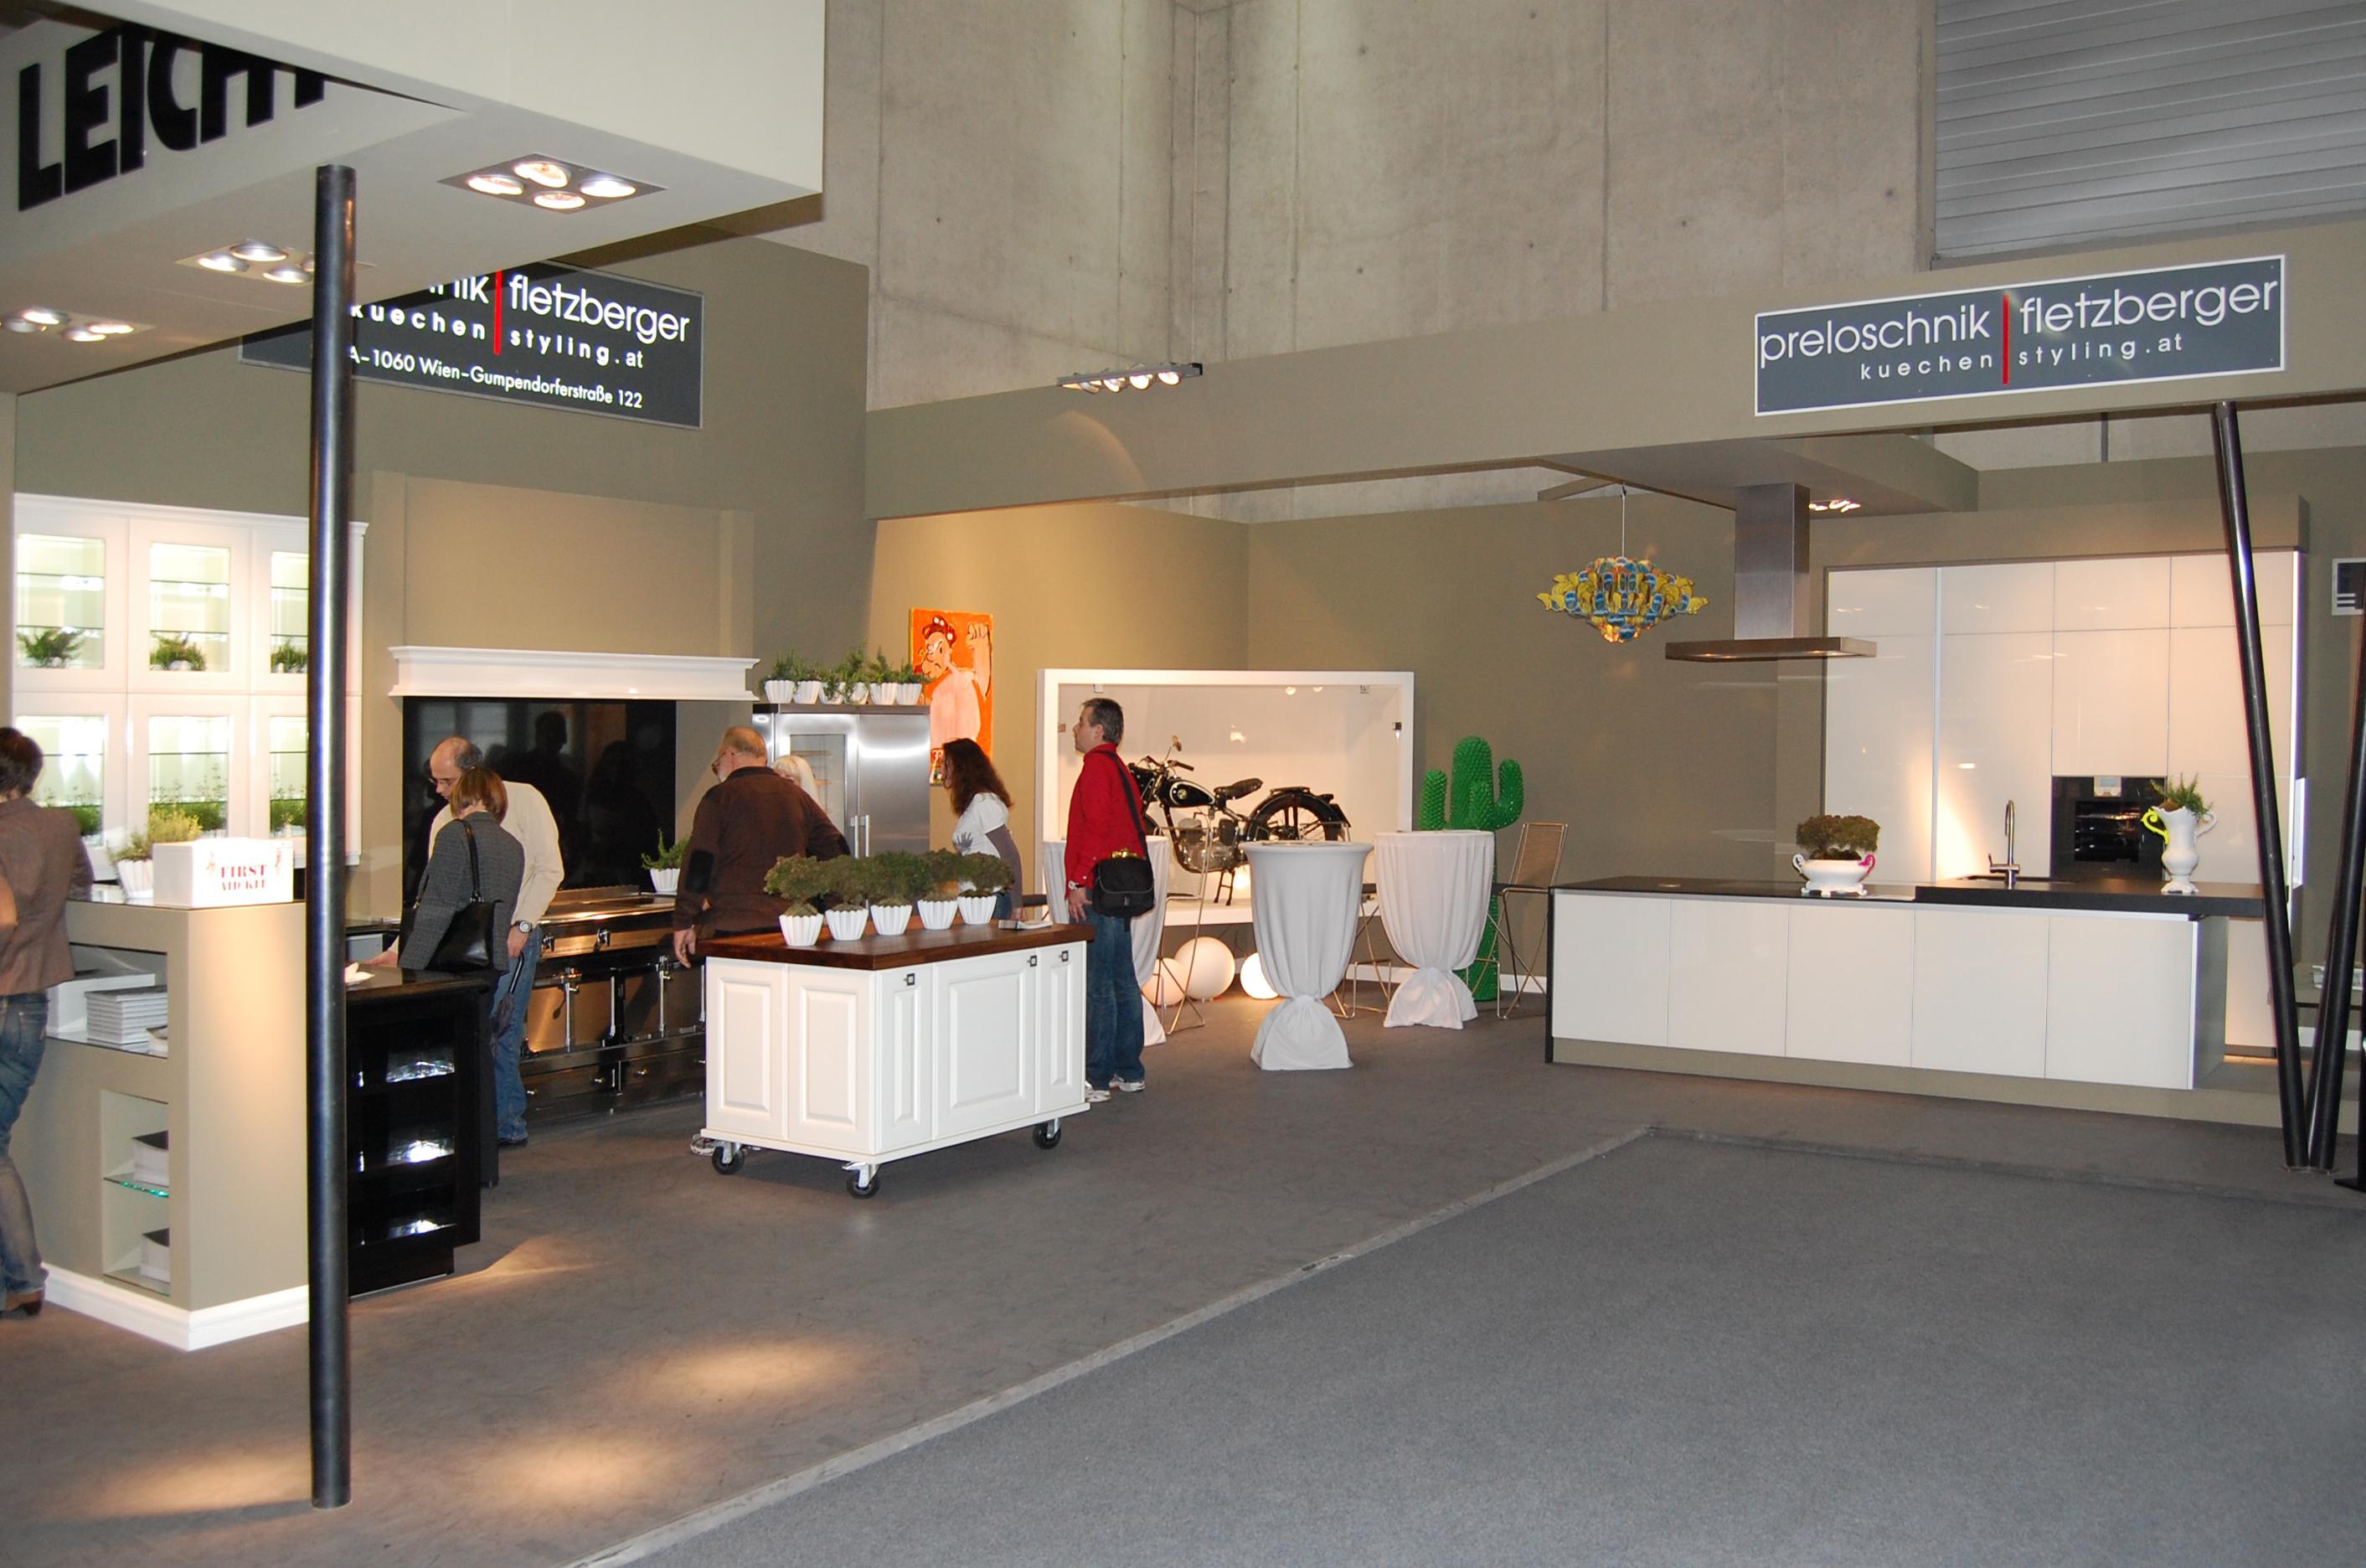 wohnen & Interieur 2010 - Preloschnik